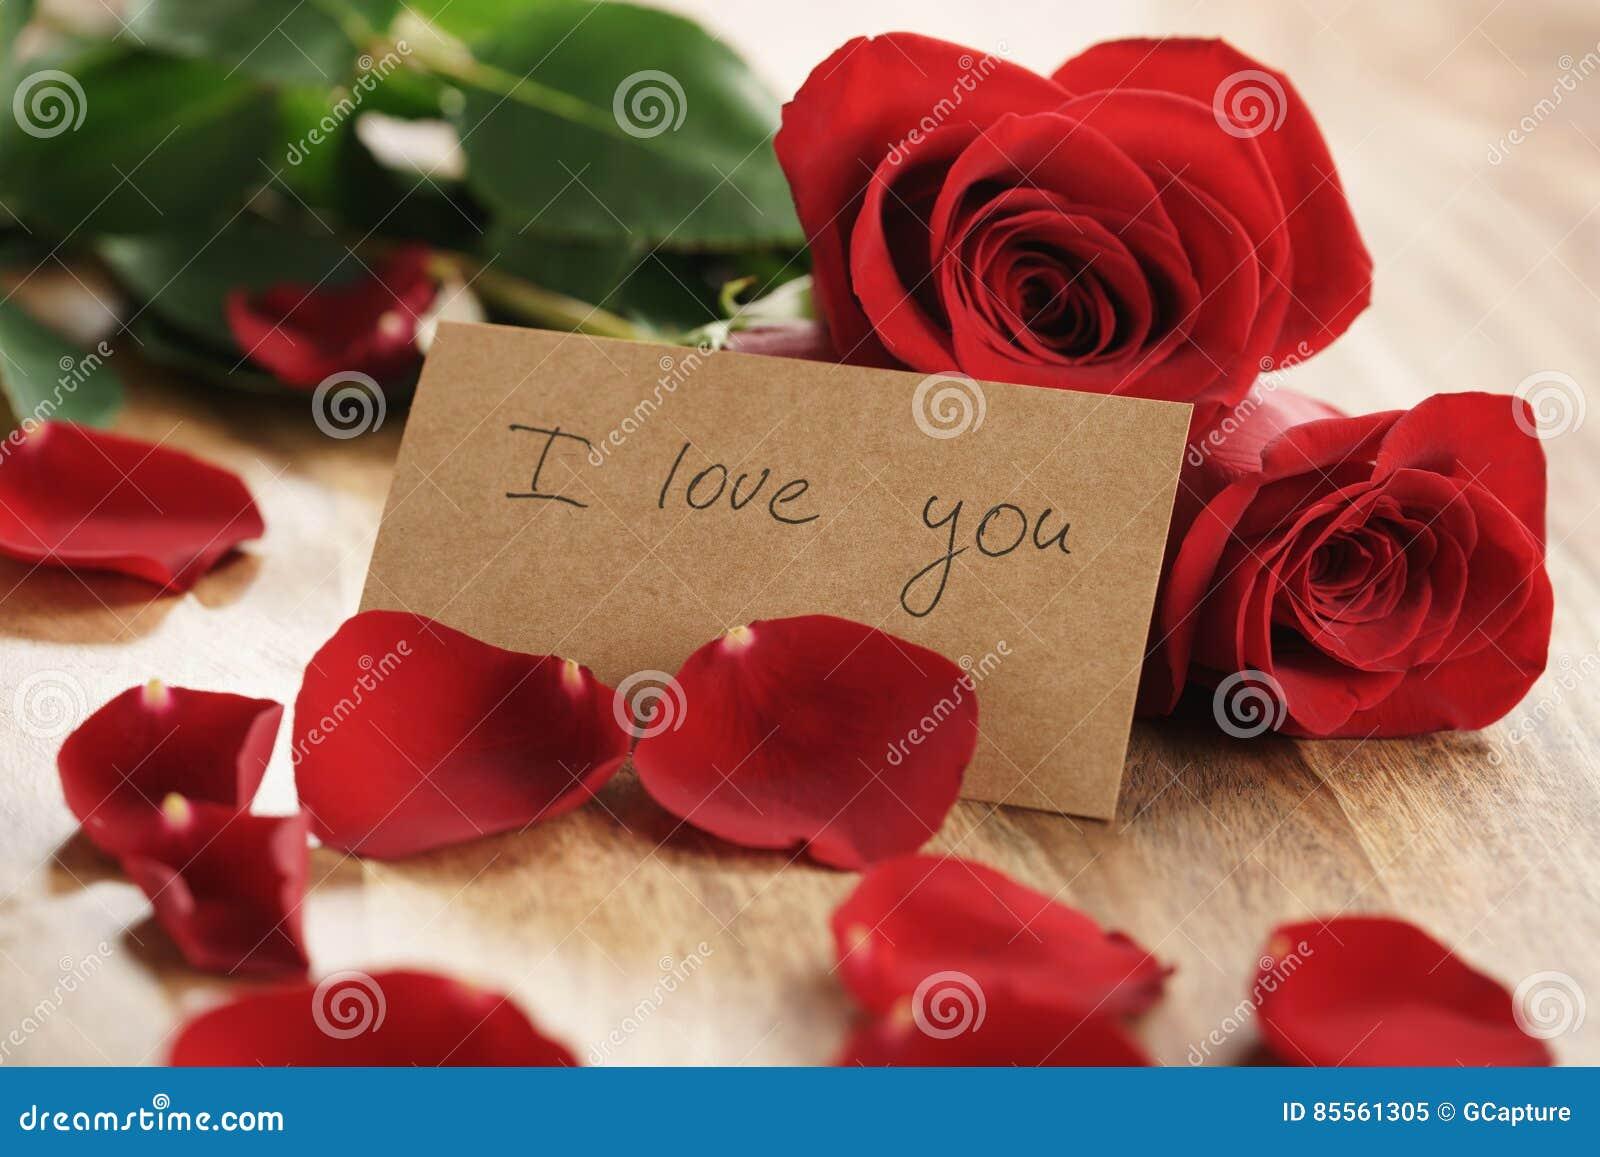 Drei rote Rosen und Blumenblätter auf alter hölzerner Tabelle mit ich liebe dich Papierkarte